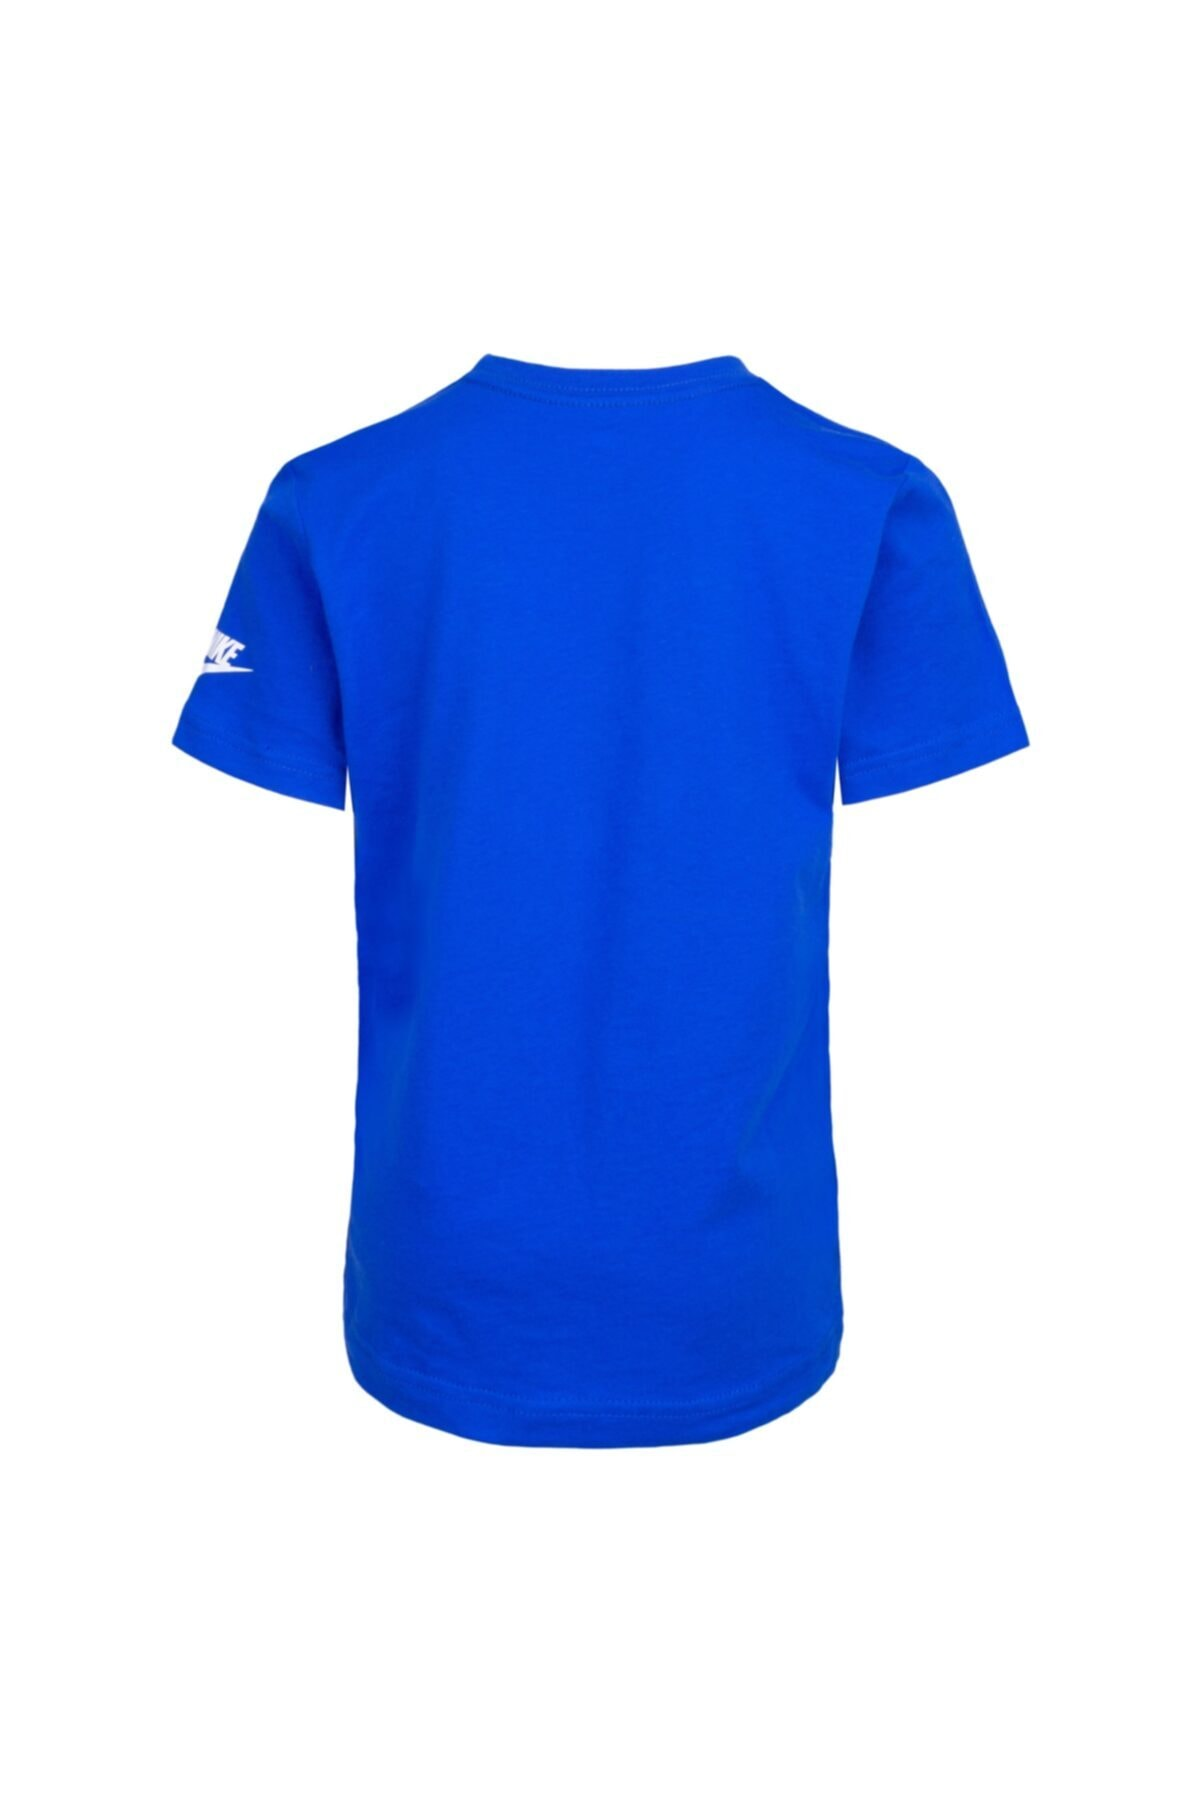 Nike Çocuk Mavi Tişört 86G889-U89 2